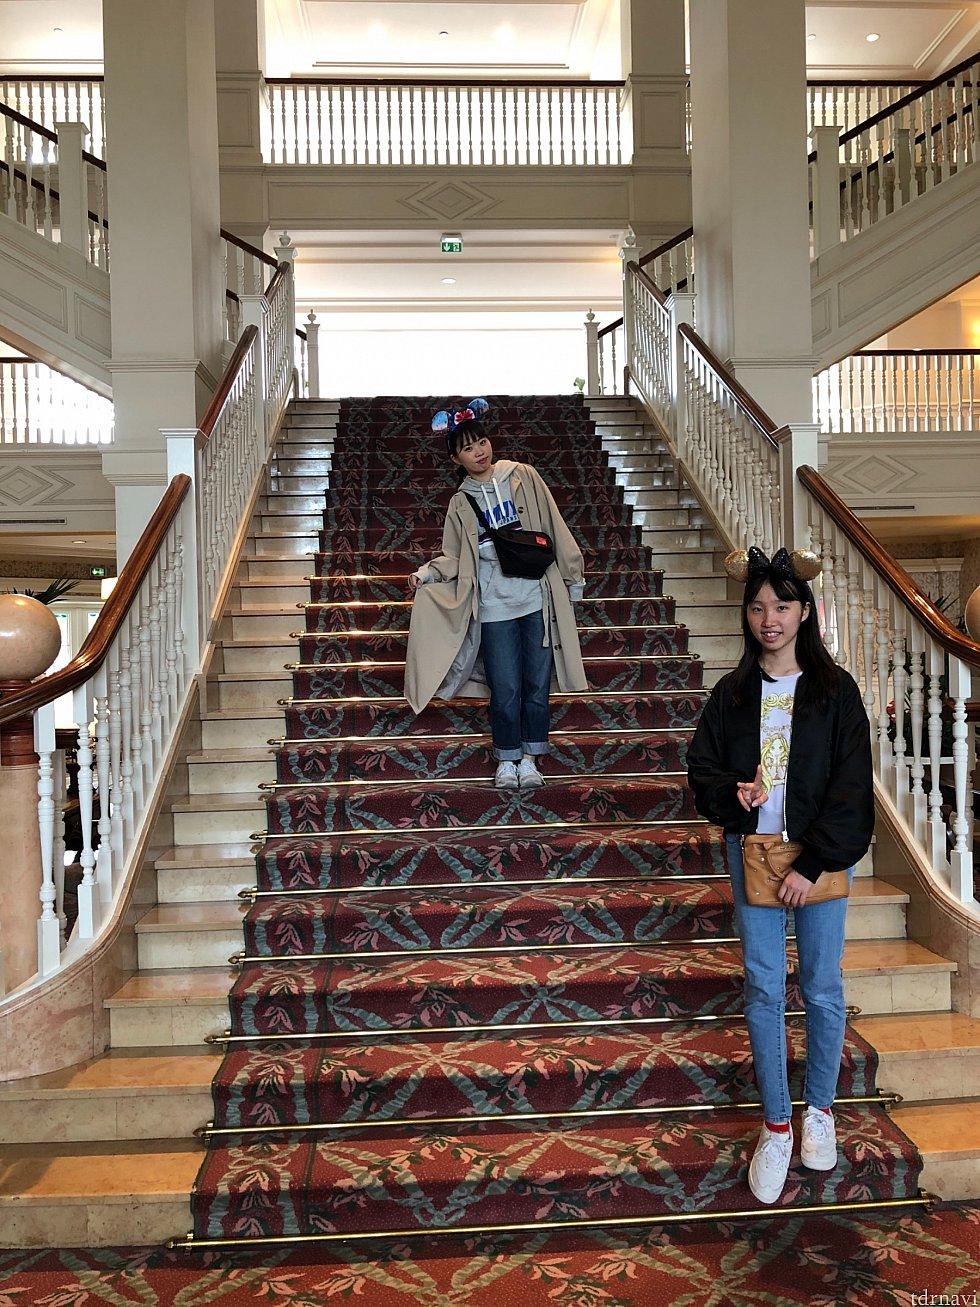 豪華な階段ですね! ほんとのお城みたい!